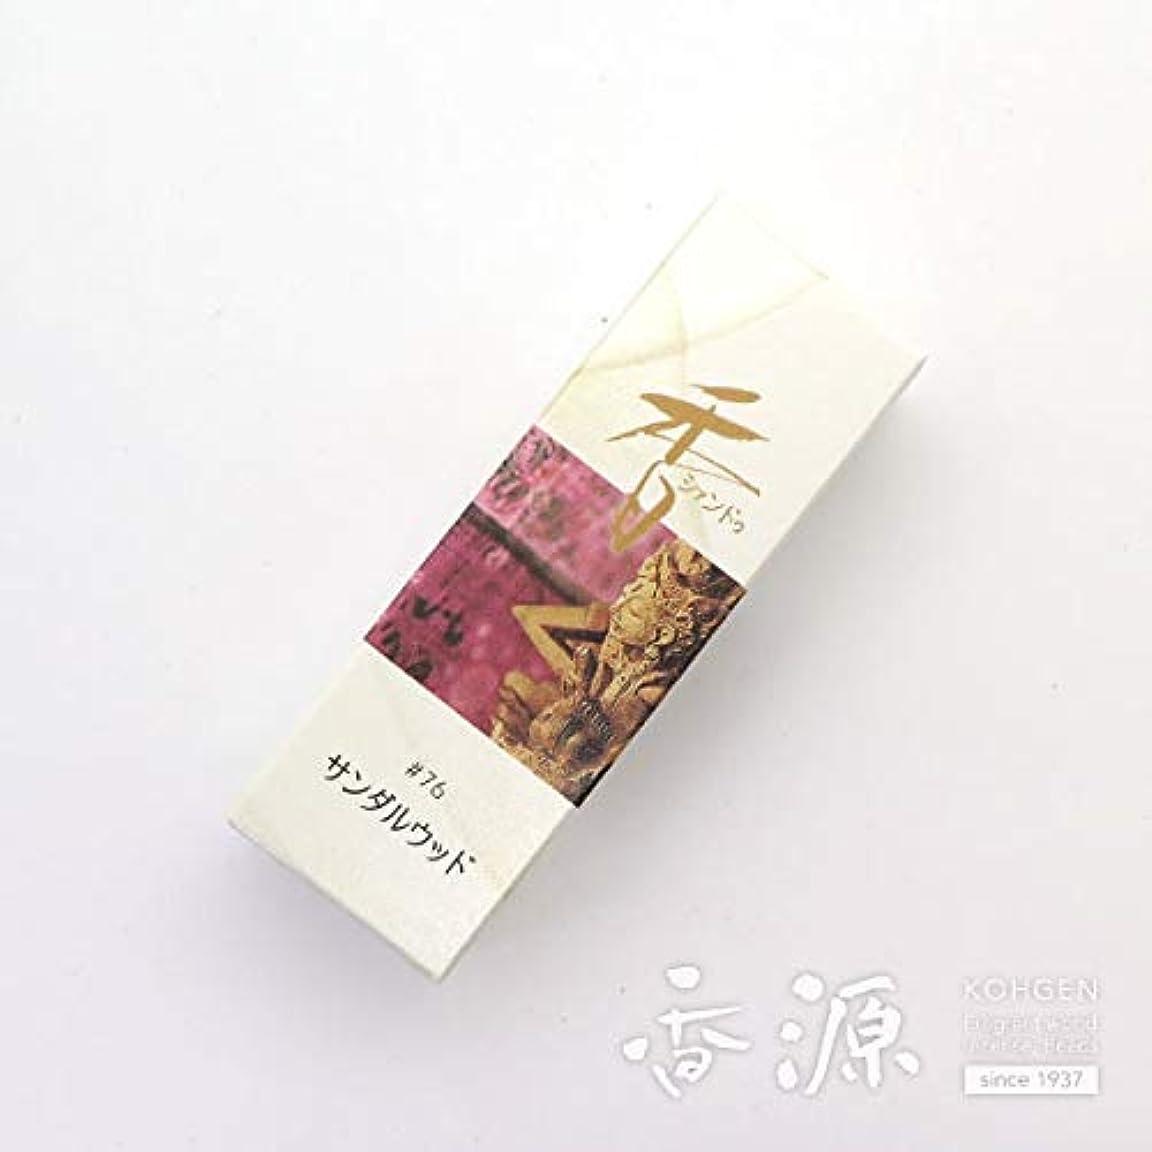 密農奴ボウリング松栄堂のお香 Xiang Do サンダルウッド ST20本入 簡易香立付 #214276